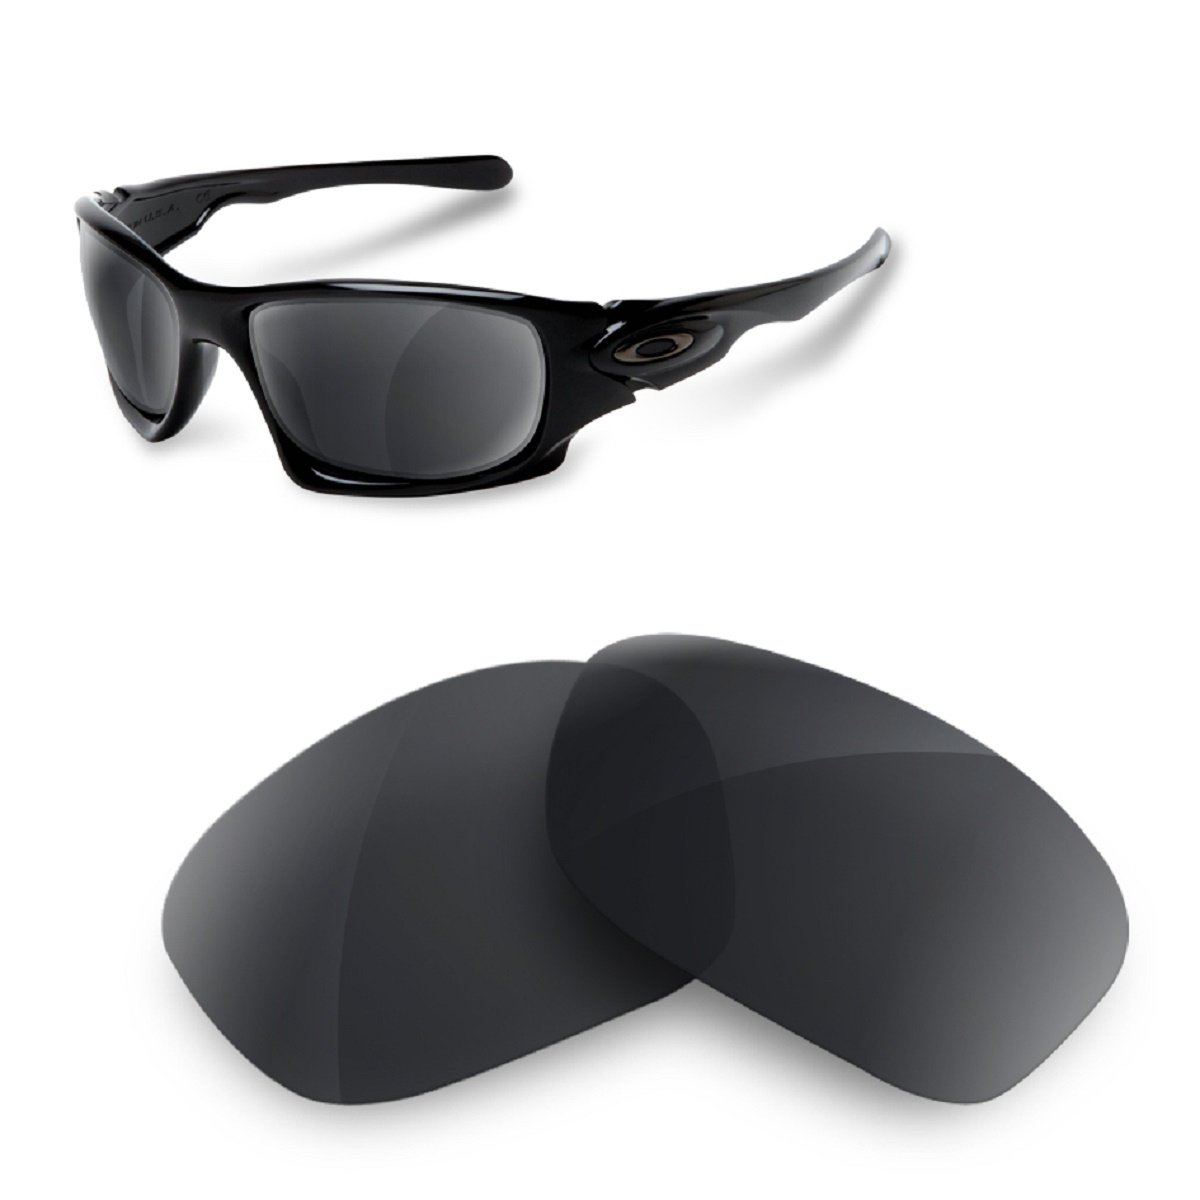 Sunglasses Restorer Ersatzgläser für Oakley Ten X (Polarisierte Black  Iridium Linsen): Amazon.de: Sport & Freizeit